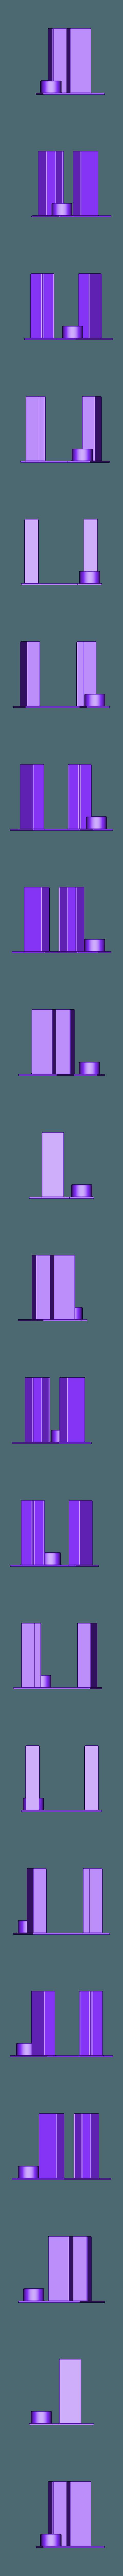 Glue Stick Holder Side Holder.stl Download STL file Glue Stick Holder for smaller Print Beds • 3D printer template, jaxi666